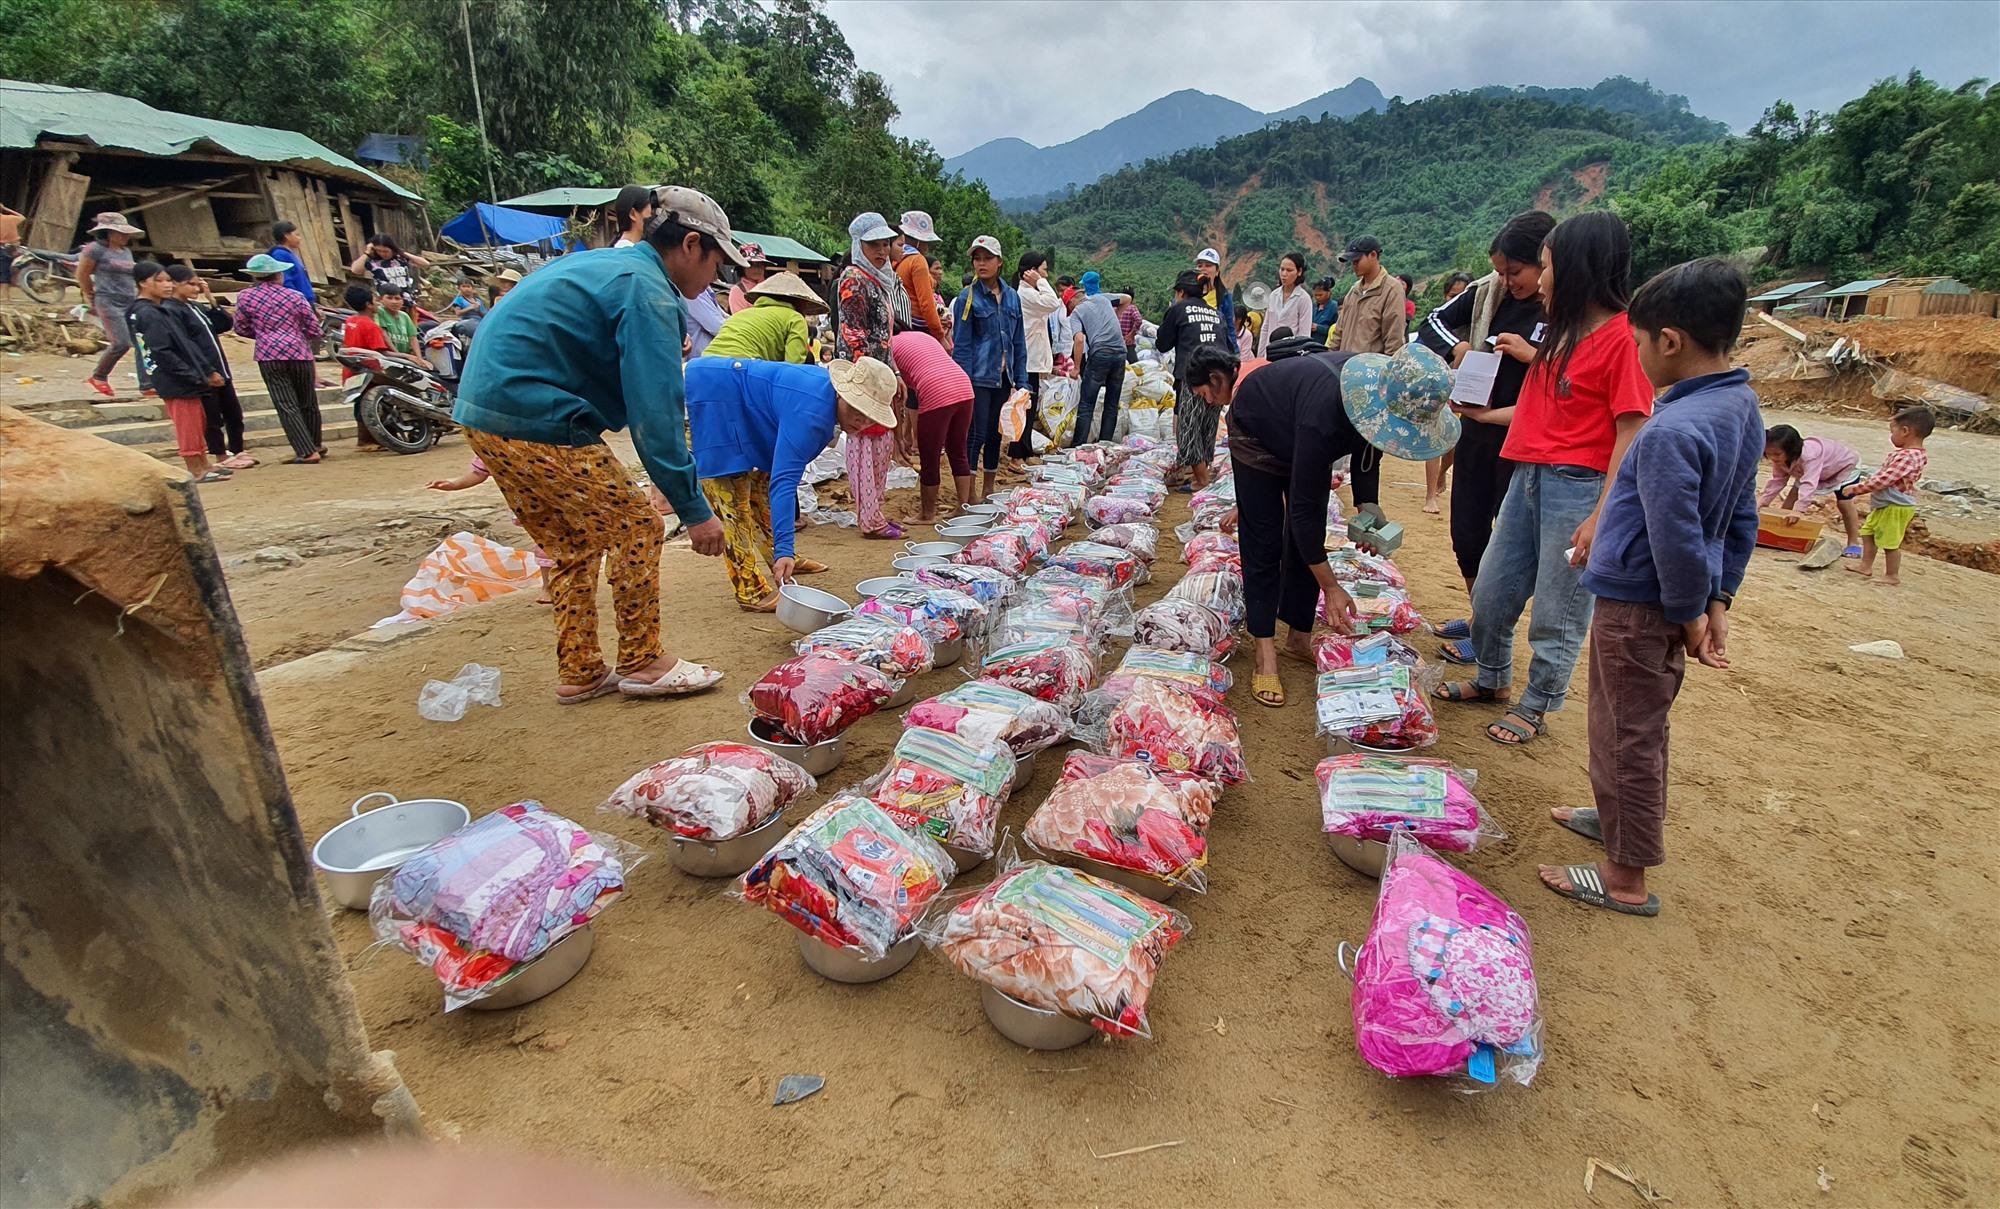 Sáng 2.11, một doanh nghiệp trên địa bàn đã đến tặng gạo, nhu yếu phẩm cho người dân trong thôn. Đơn vị này cũng tài trợ một máy phát điện và cam kết giúp dân dựng lại 15 căn nhà trong thời gian đến. ẢnH: T.C